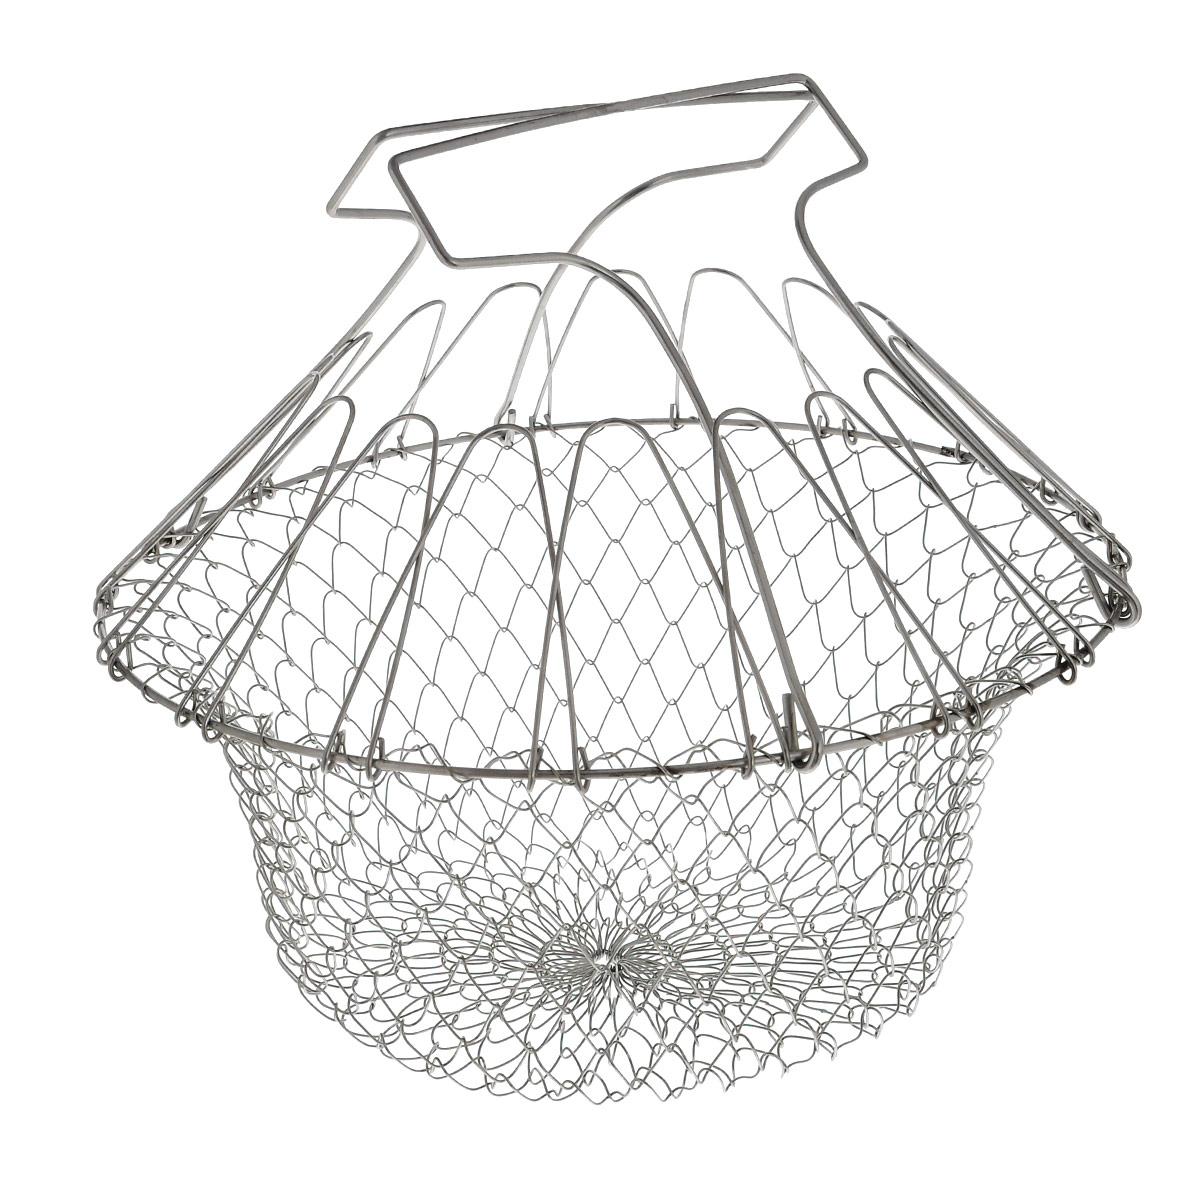 Решетка для приготовления пищи Bradex Chef Basket, складнаяTK 0143Решетка Bradex Chef Basket изготовлена из высококачественной нержавеющей стали. Это совершенно удивительное устройство со множеством функций заменит собой пароварку, жаровню, дуршлаг и прочую кухонную утварь значительного размера. Форма для варки и жарки - с поднятыми ручками решетка позволяет вам сложить в нее ингредиенты, и варить прямо в кастрюле. Идеальный вариант для варки яиц, макарон, пельменей и других продуктов. После окончания варки вы просто вынимаете решетку из кастрюли, в которой и остается вся вода! Таким же образом вы сможете пожарить картофель фри или рыбу в кляре. Диаметр: 23 см. Размер (в собранном виде): 24 см х 22,5 см х 29 см.Размер (в разобранном виде): 23 см х 23 см х 2 см.